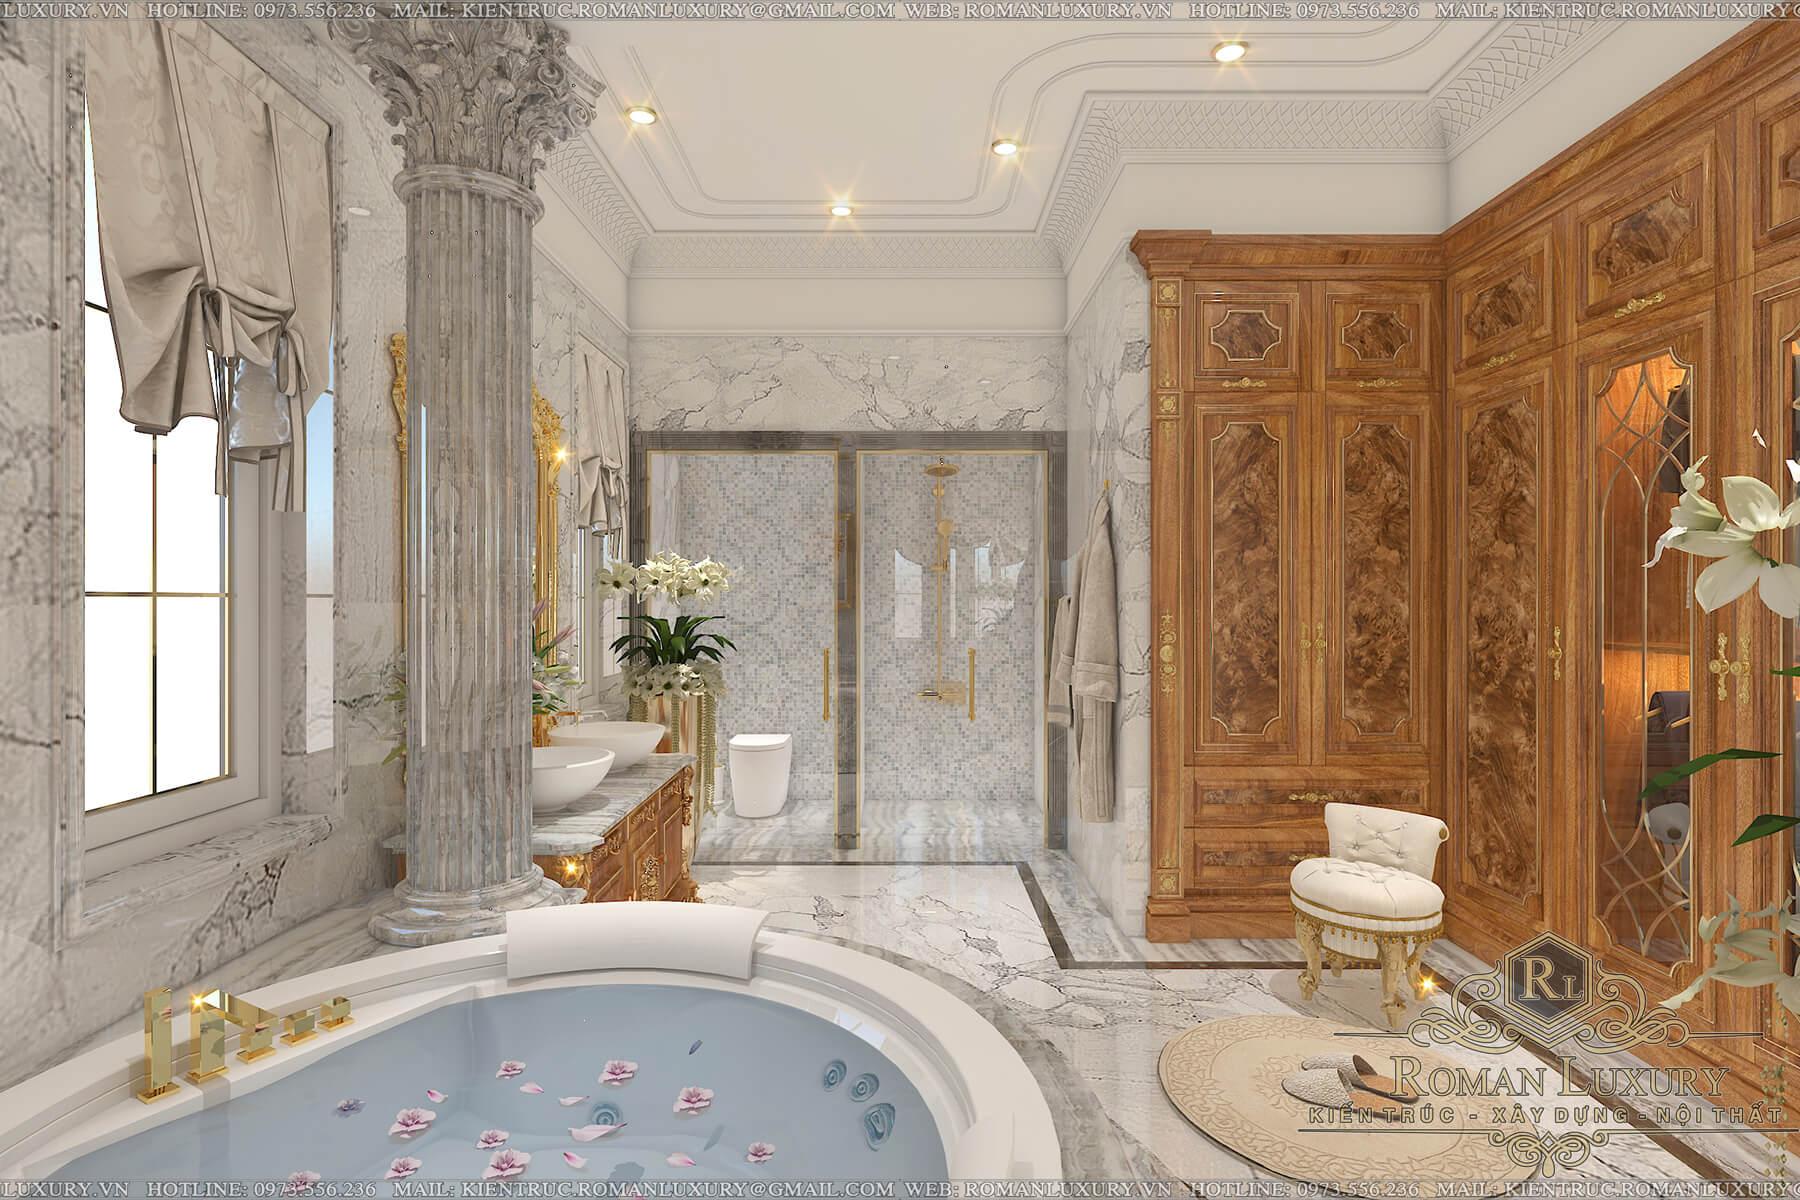 phòng tắm biệt thự tân cổ điển châu âu